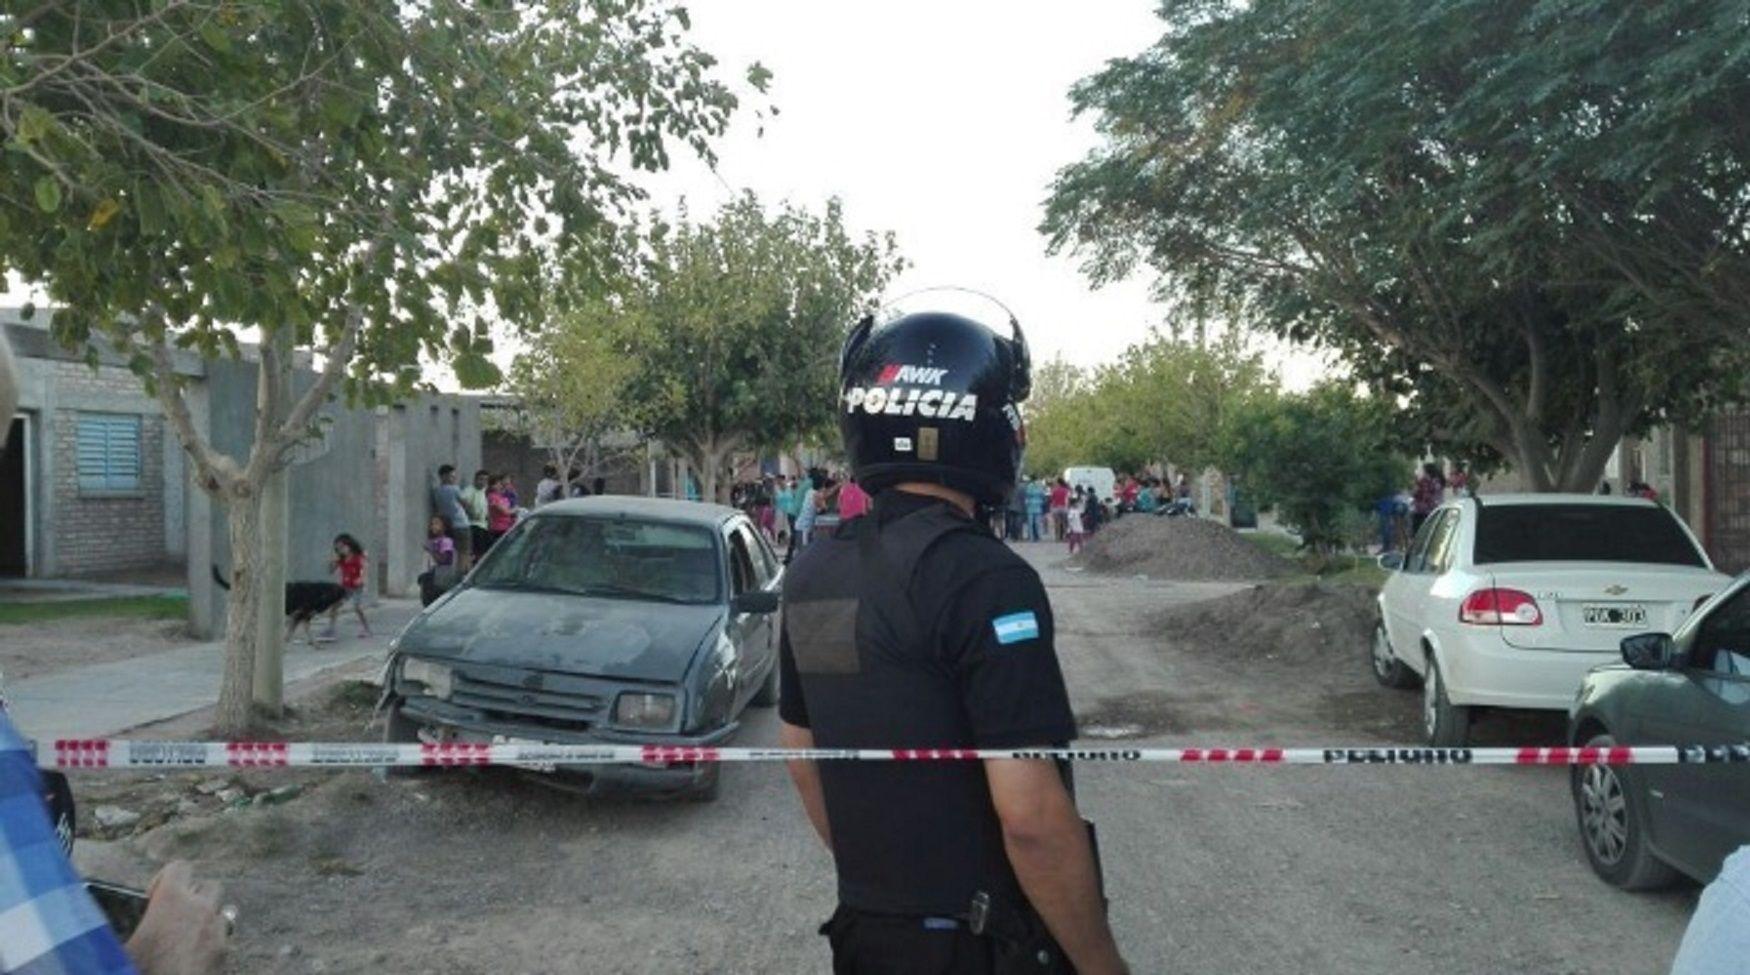 Resultado de imagen para imagen policia de san juan